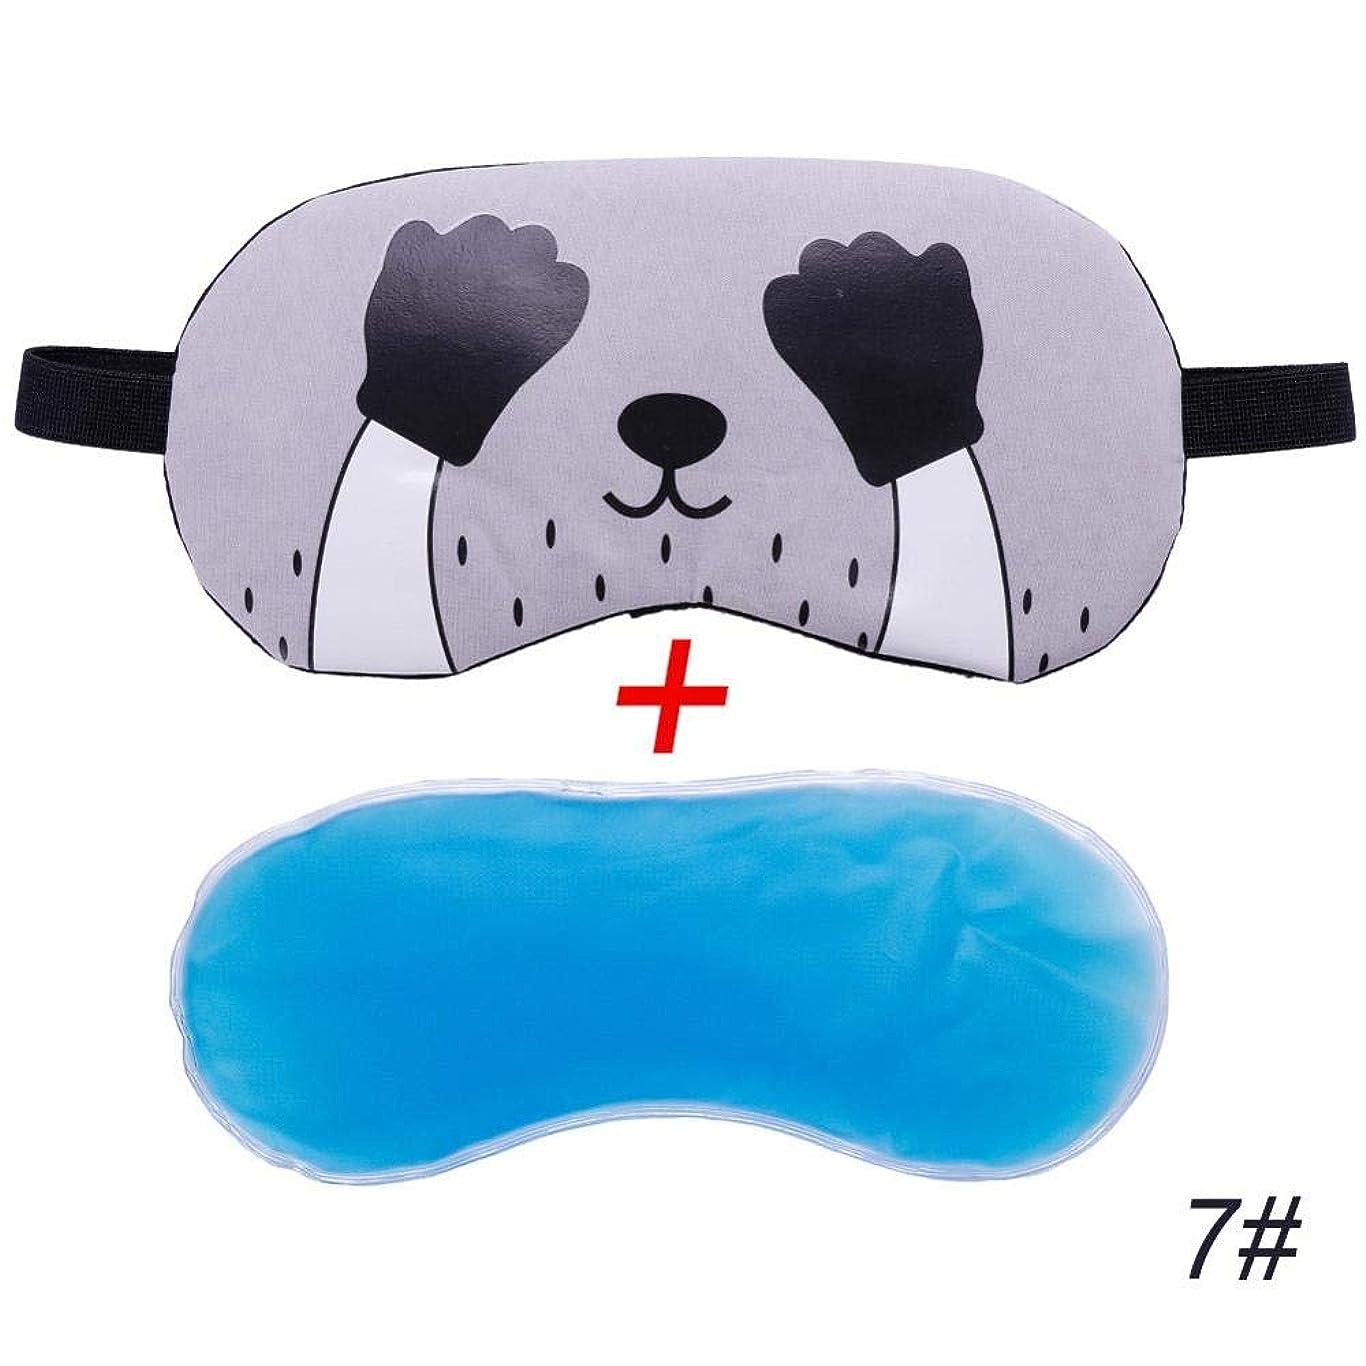 ケーブル洗剤ジョセフバンクスNOTE 1ピース漫画リラックス氷または圧縮アイシェード睡眠アイマスク旅行リラックス睡眠補助ヘルスケア目ツール#280205